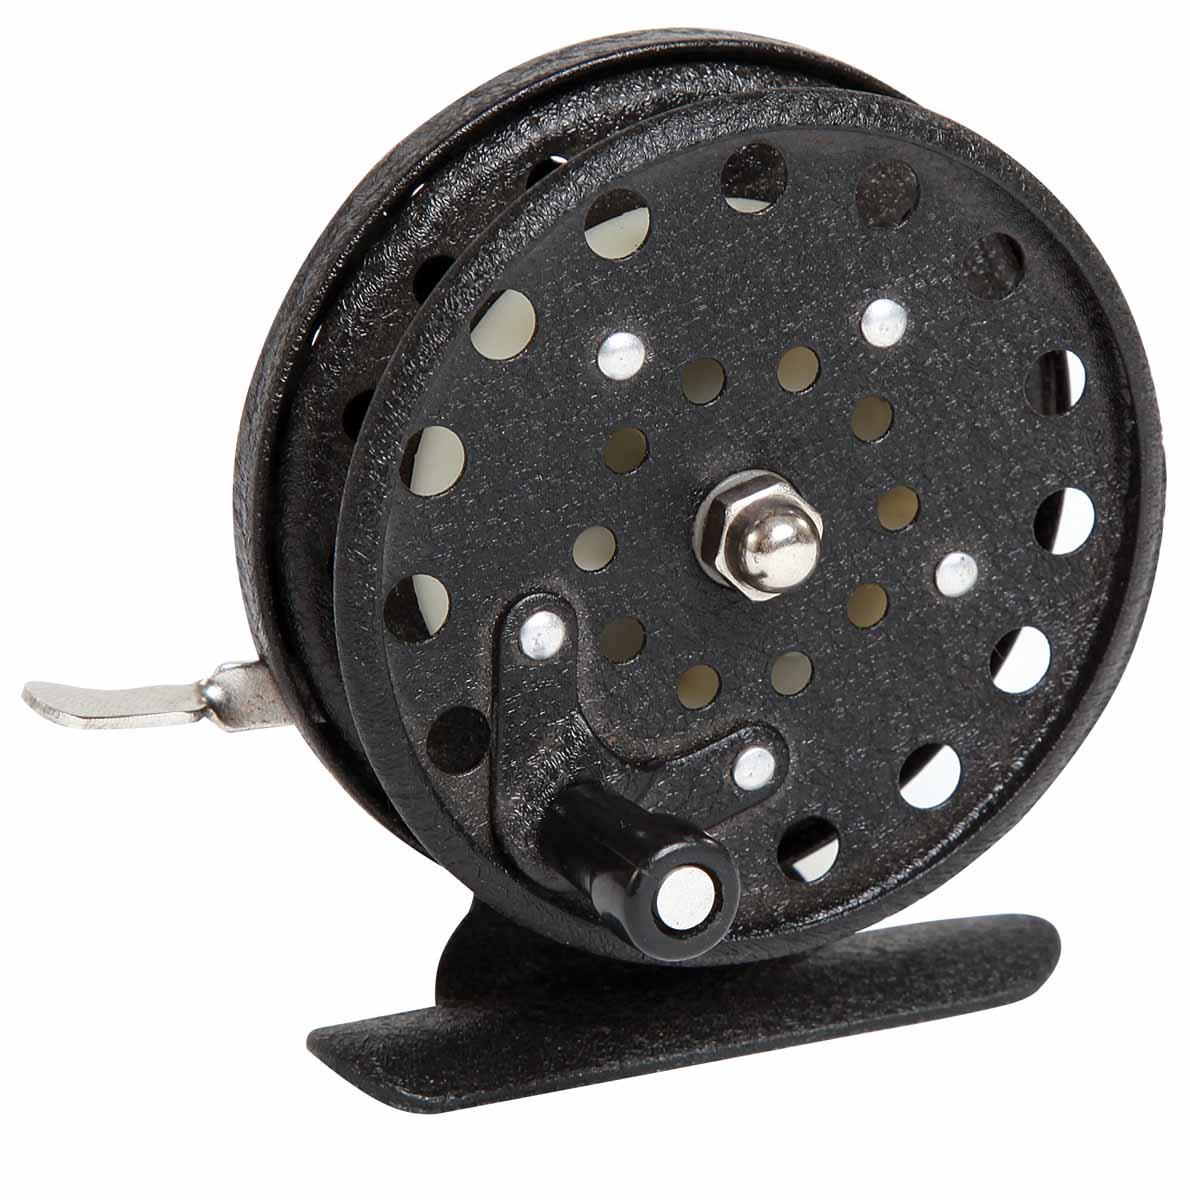 Катушка проводочная Salmo Ice, диаметр 65 ммM1020Проводочная катушка Salmo Ice выполнена из высококачественного металла, что обеспечивает ей долгий срок эксплуатации. Предназначена для ловли на поплавочную удочку и нахлыста. Изделие оснащено клавишным тормозом. Диаметр катушки: 65 мм. Вес катушки: 90 г.